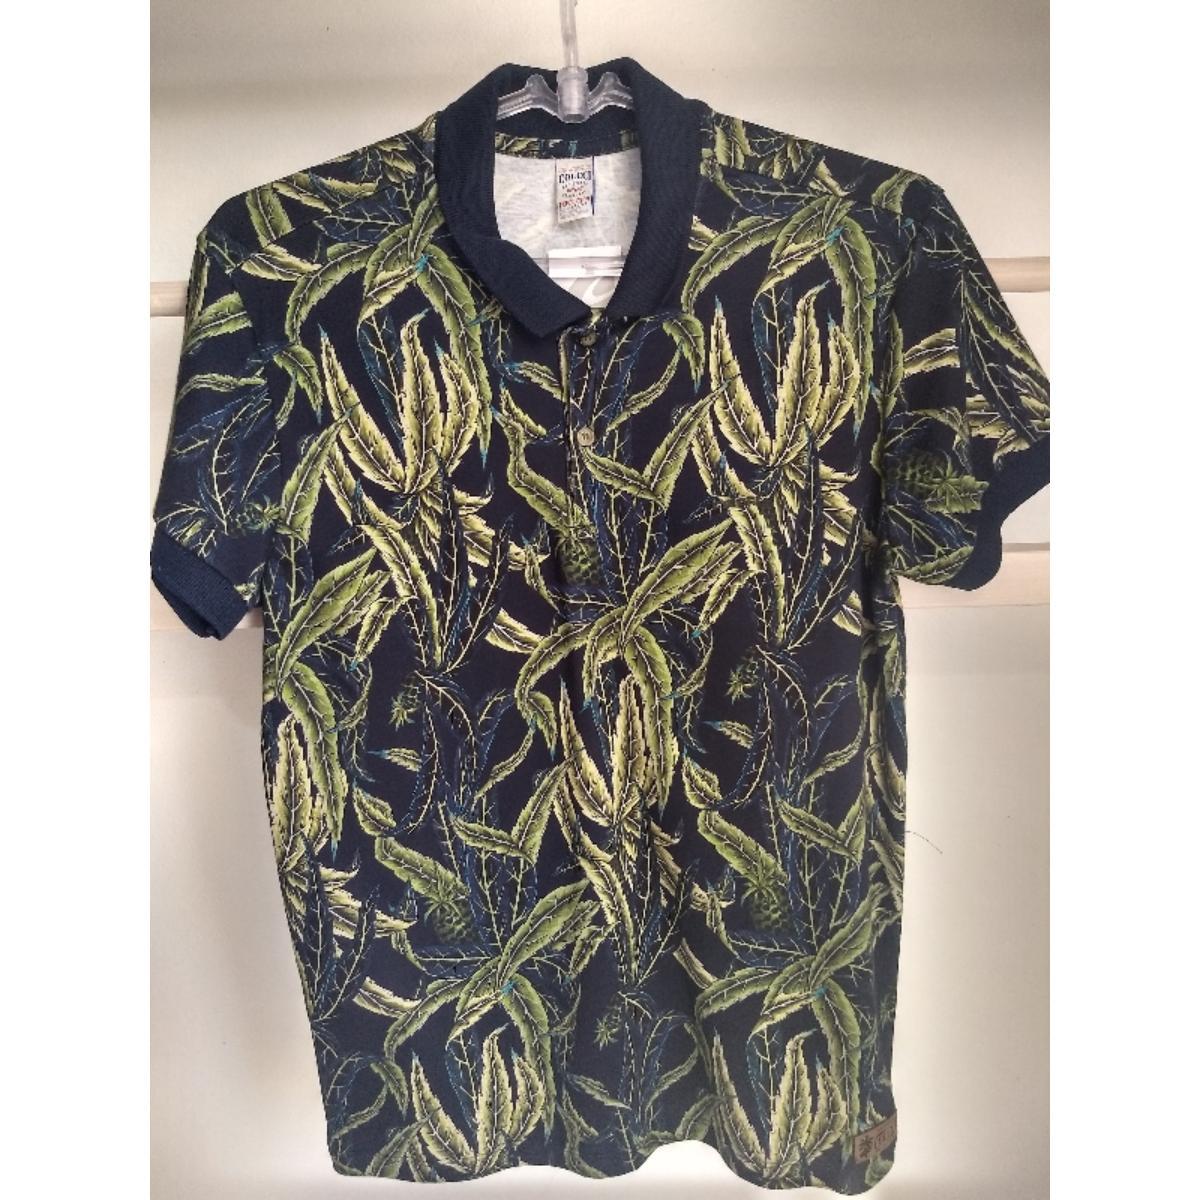 Camisa Masculina Colcci 250102219 Vc62 Marinho/verde